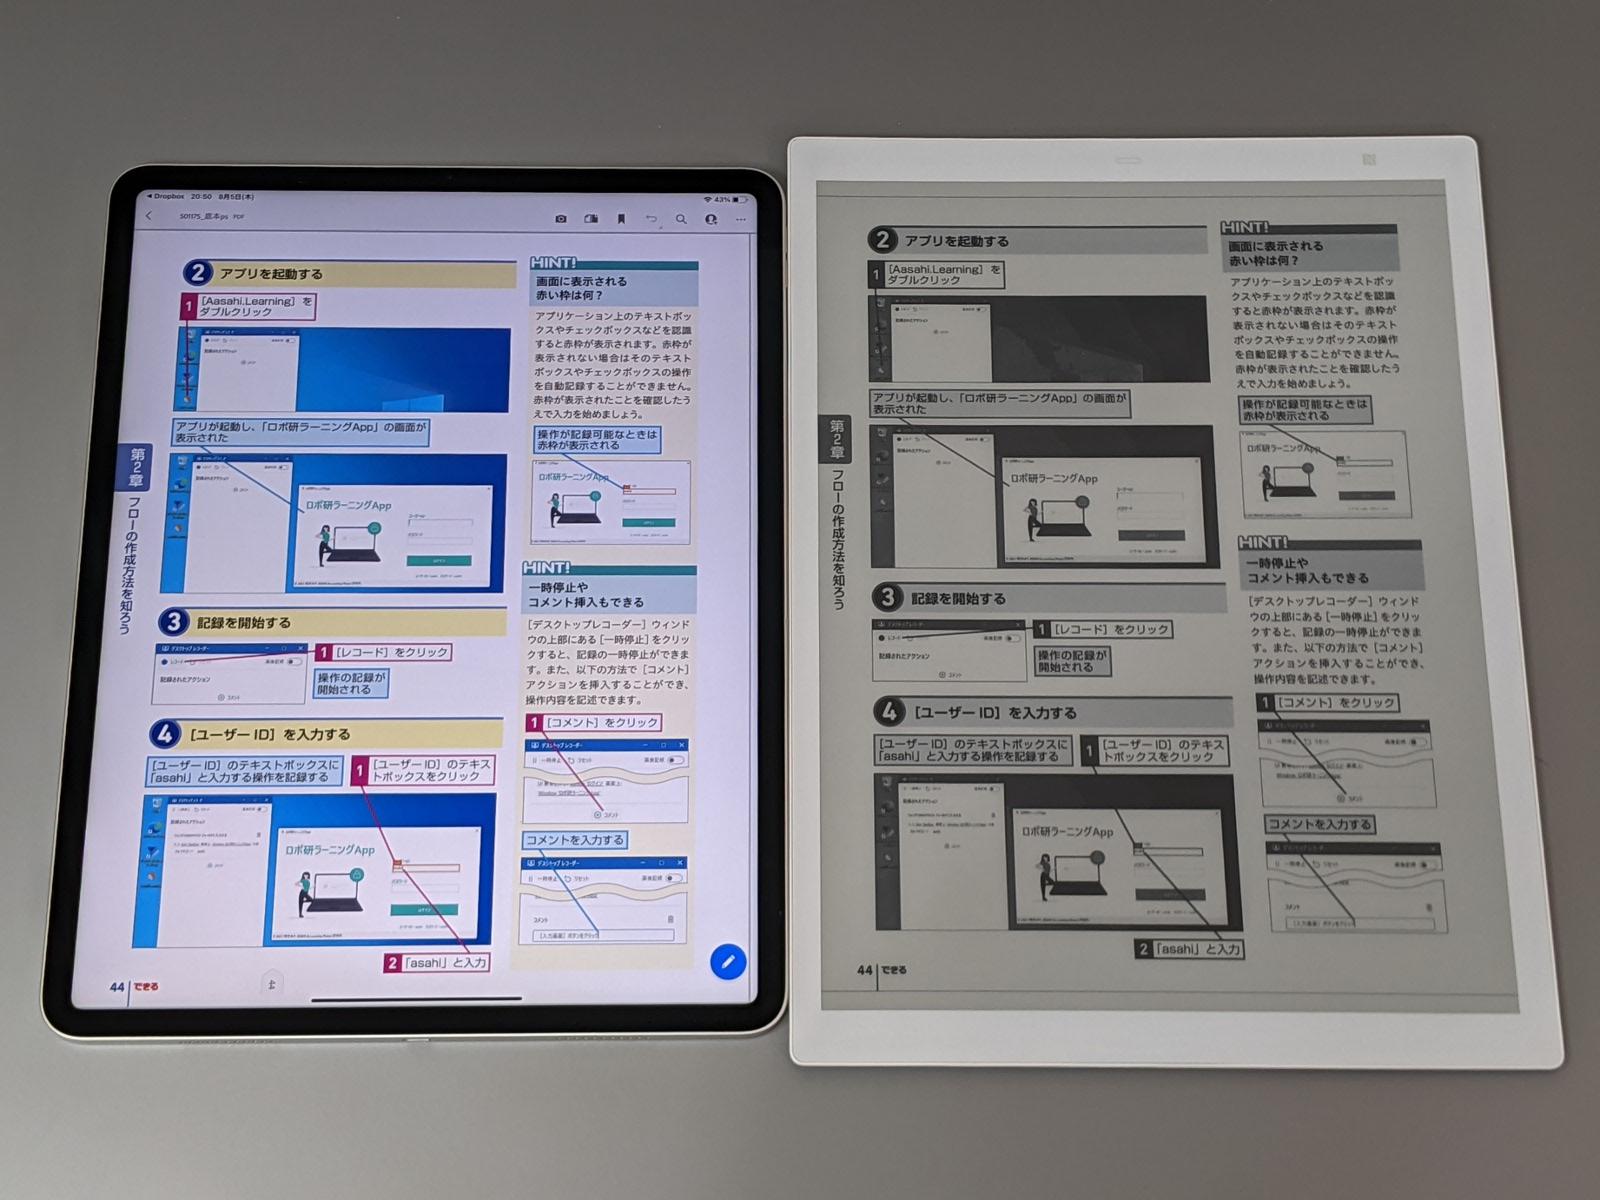 左が12.9インチiPad Pro、右がQUADERNO A4。画面サイズはほぼ同等だが、カラーかモノクロかが大きく異なる